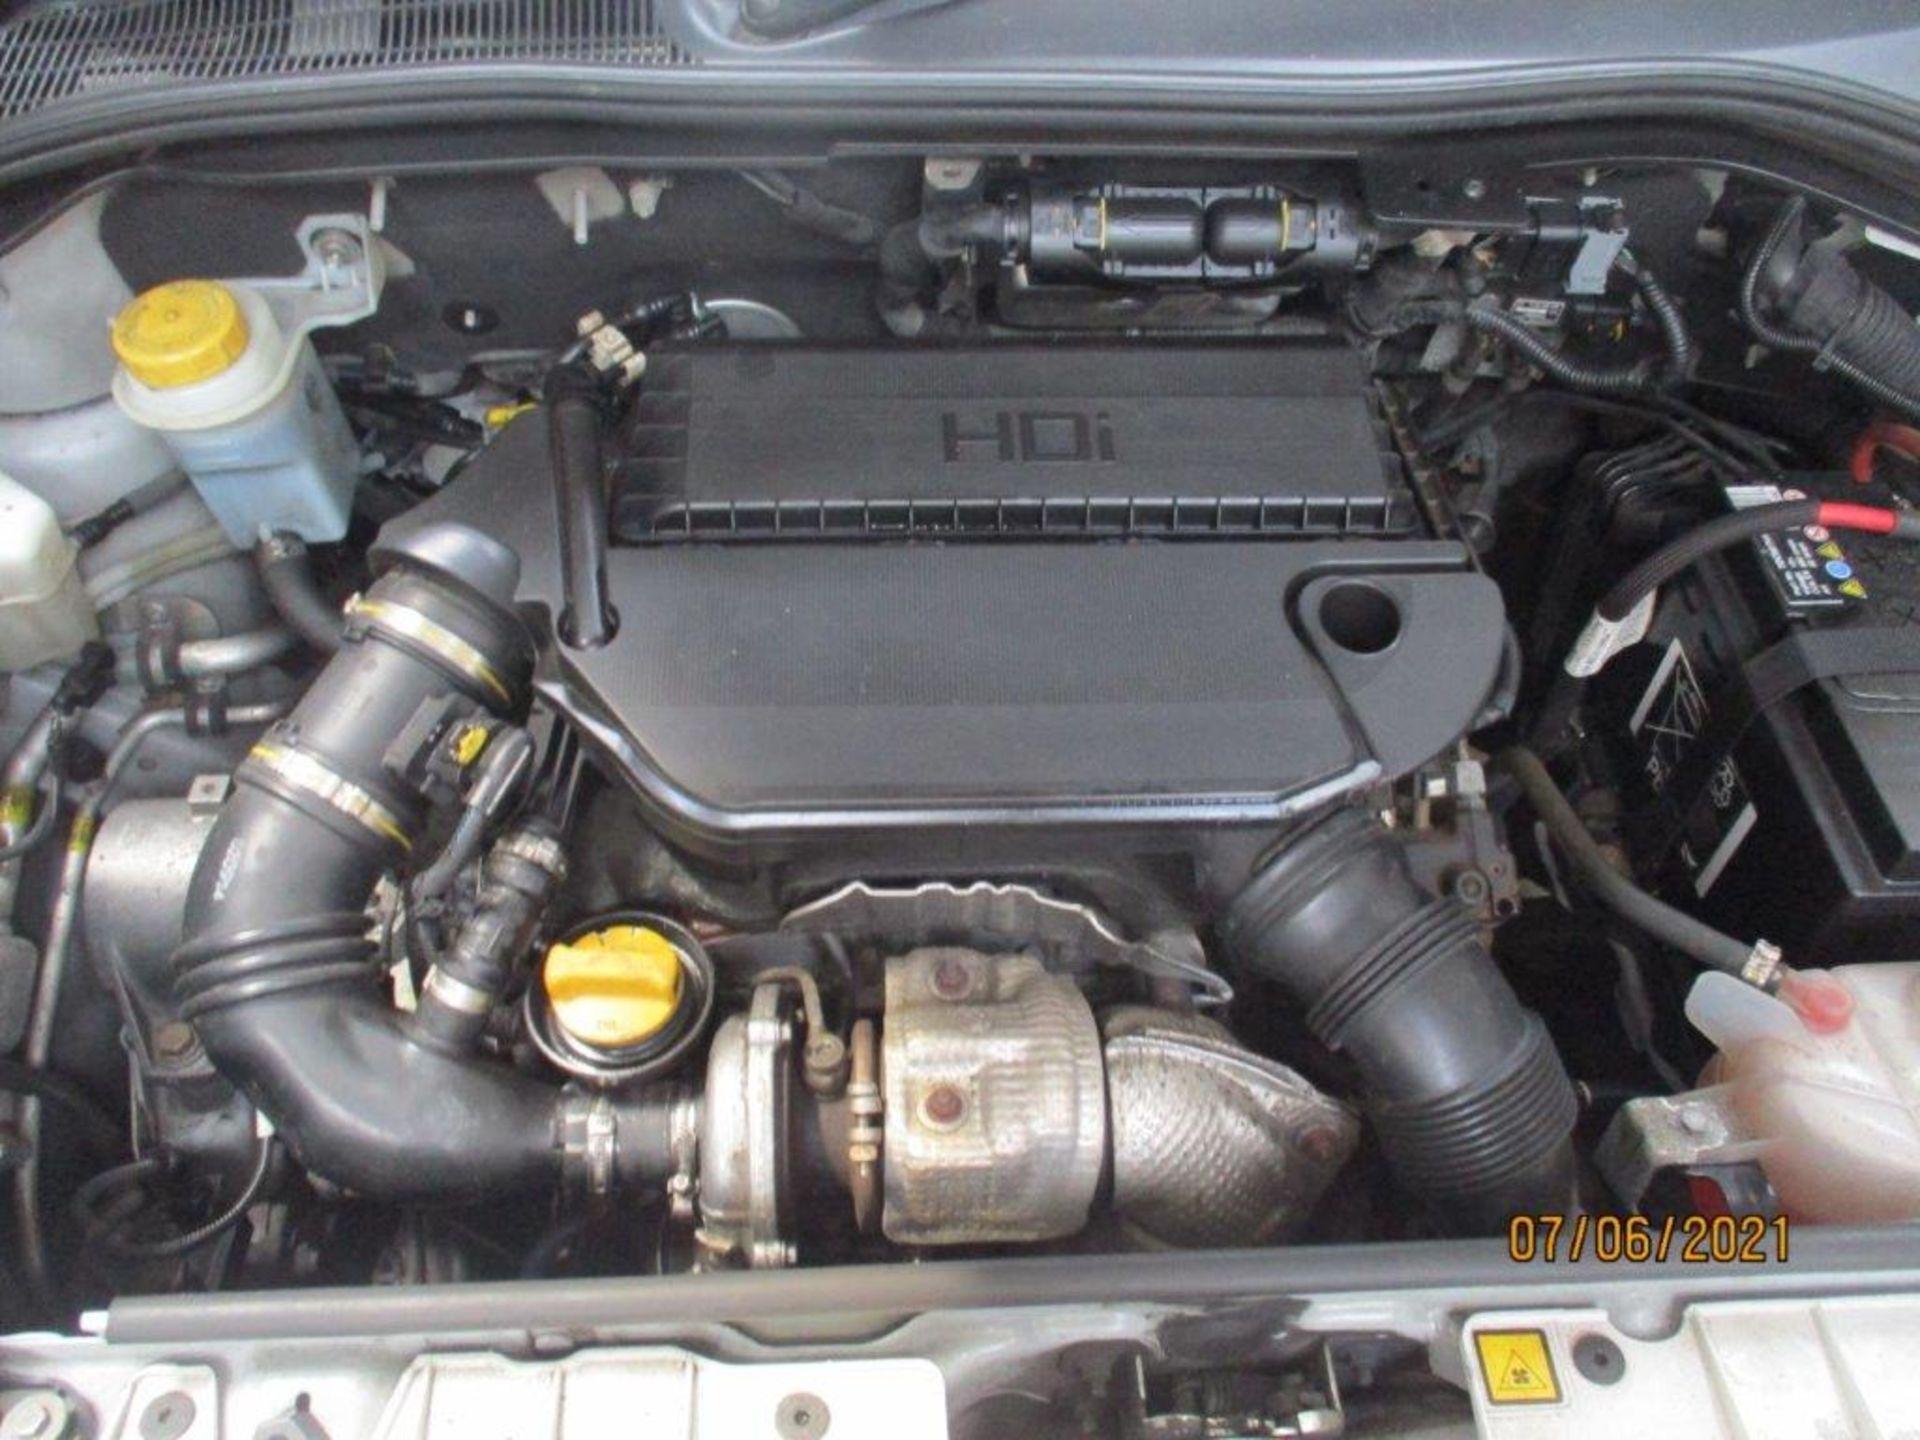 15 15 Peugeot Bipper Professional HD - Image 18 of 18